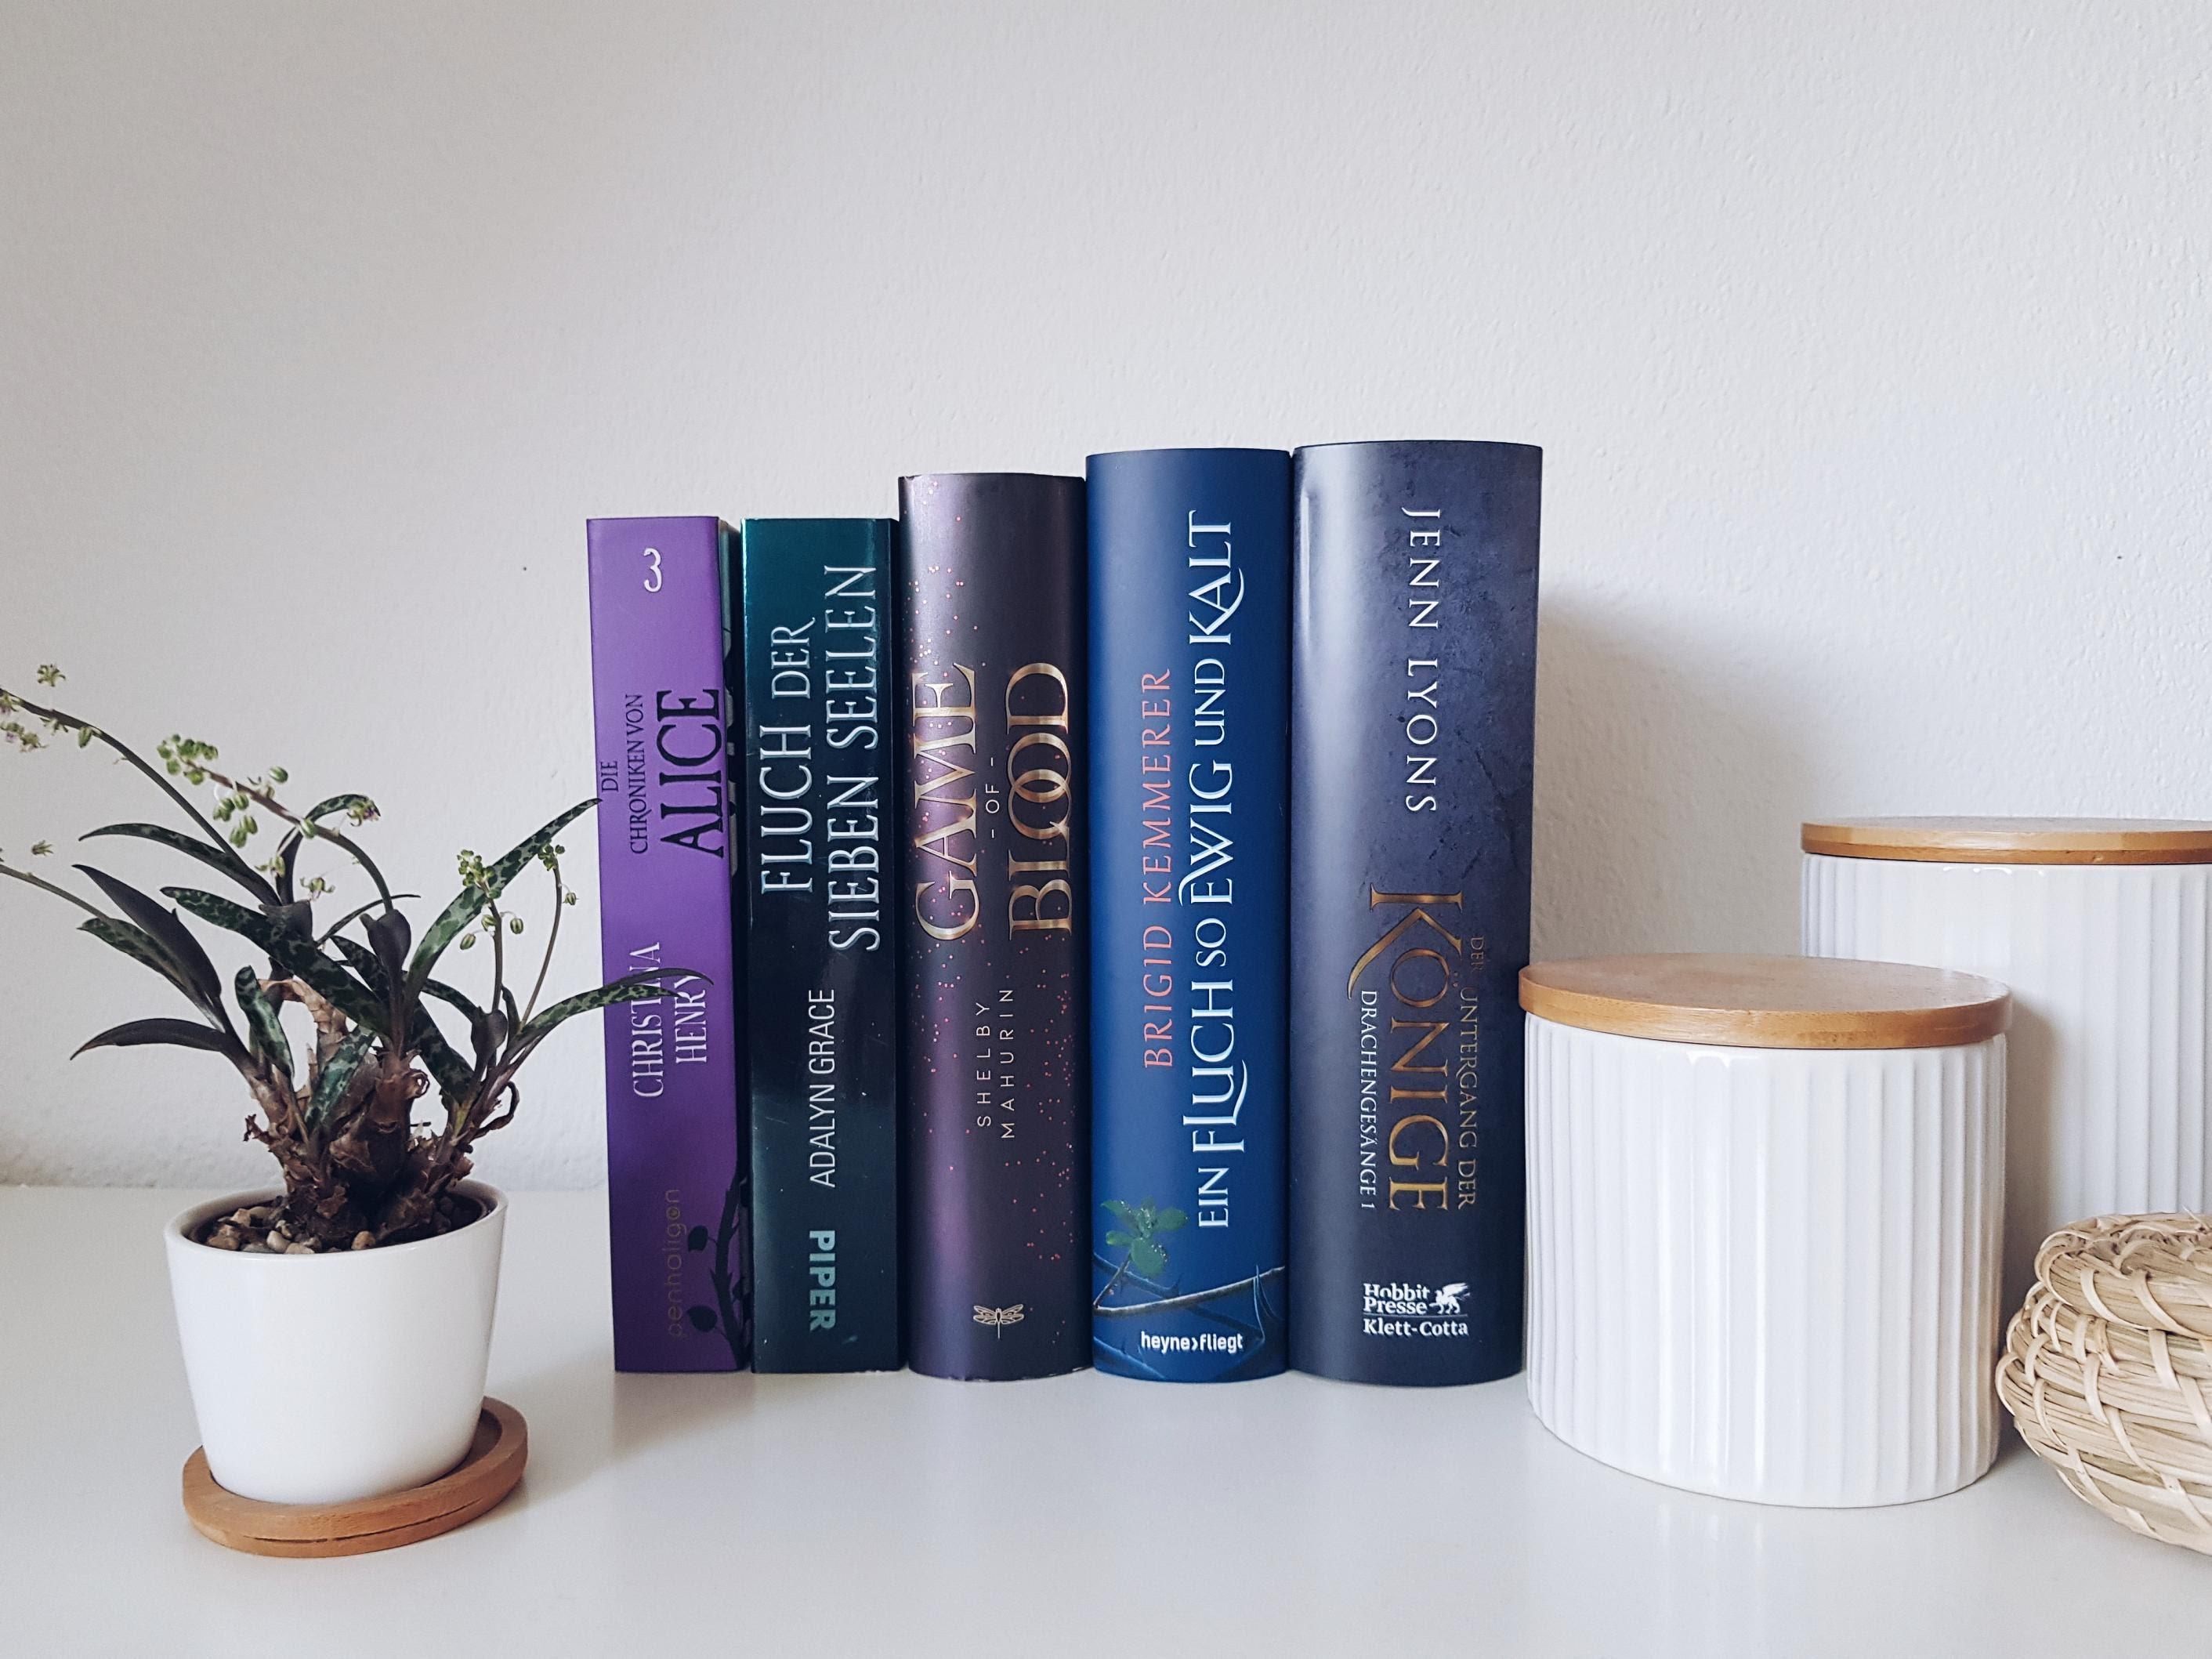 Bücherblog. Neuzugänge Bücher. Jugendbuch. Fantasy. April 2021.